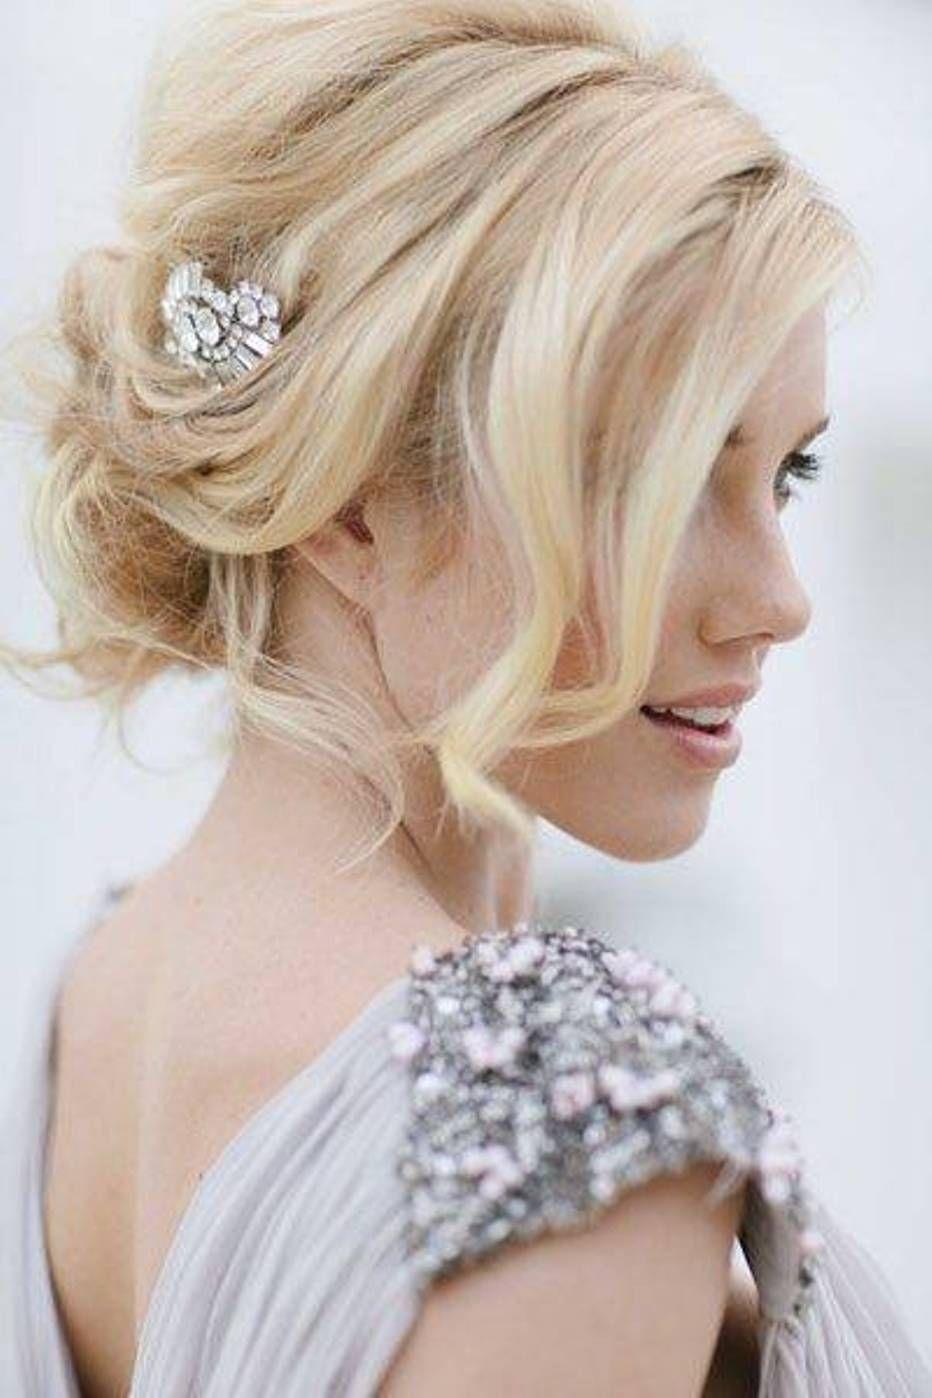 beach wedding hairstyles ideas for your wedding   wedding